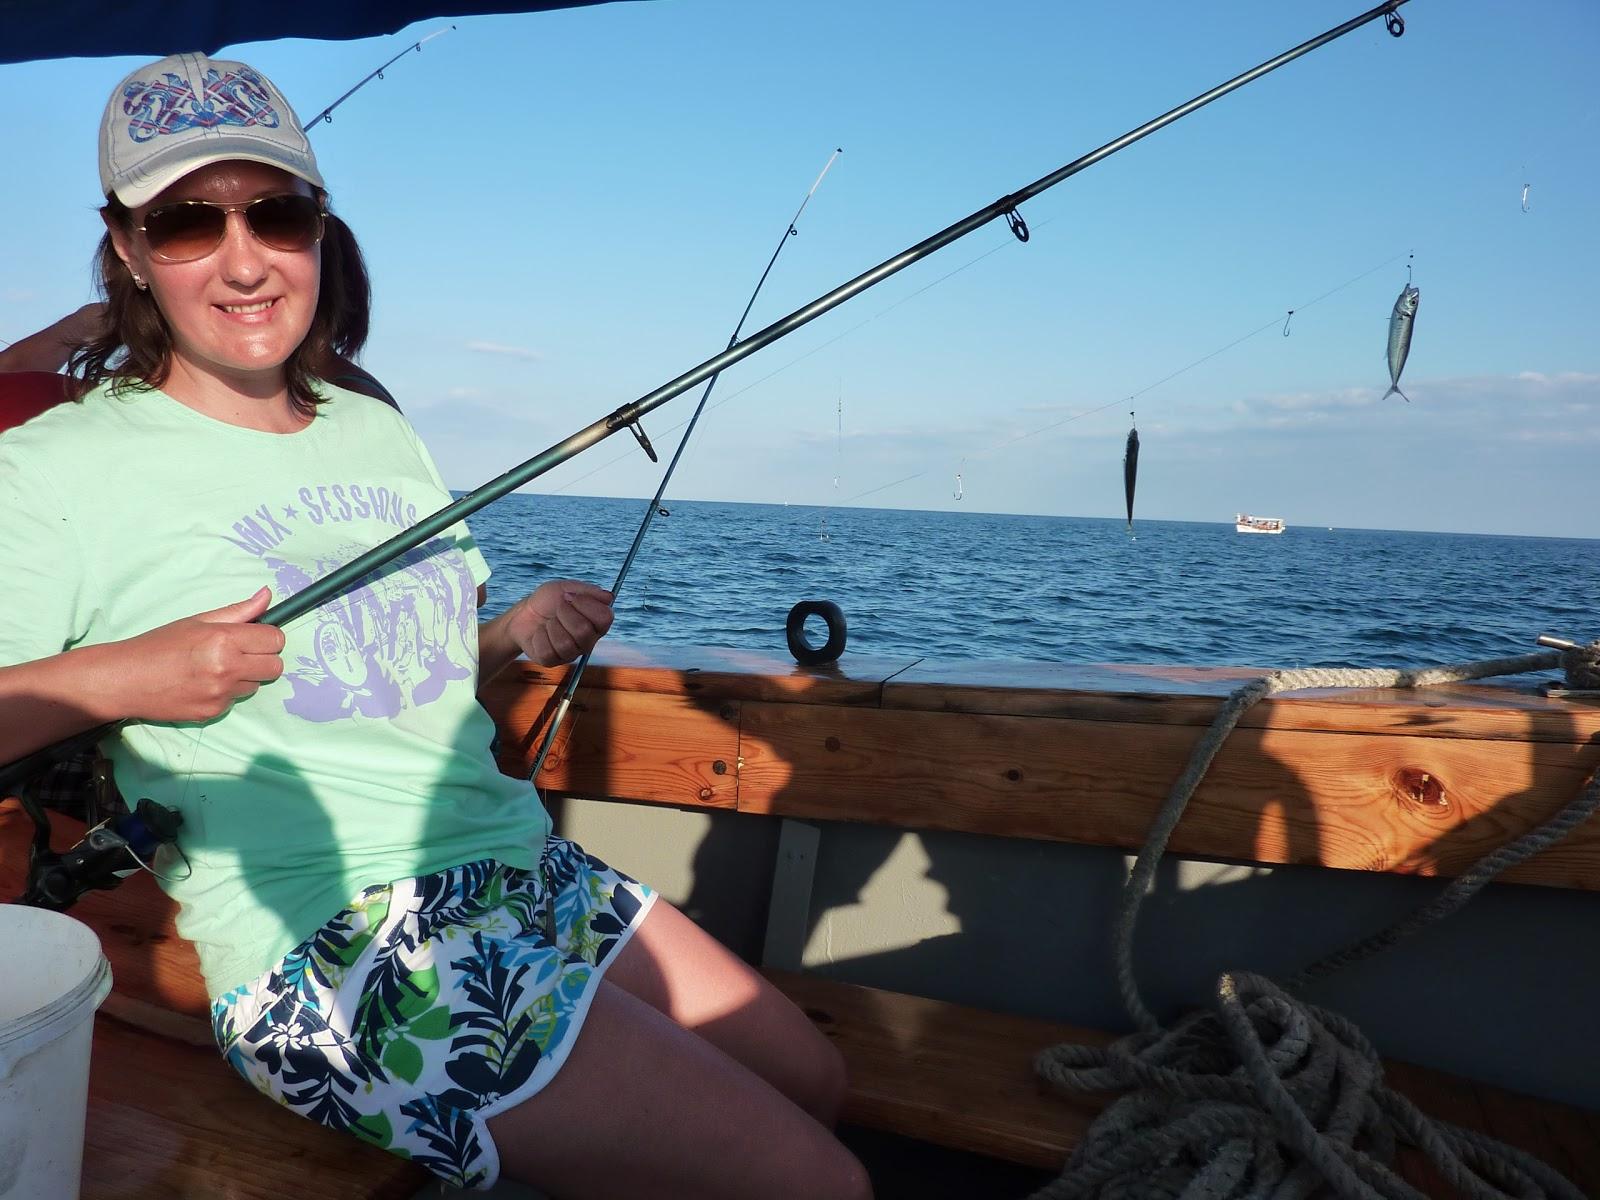 Девушка в лодке с удочкой в руках